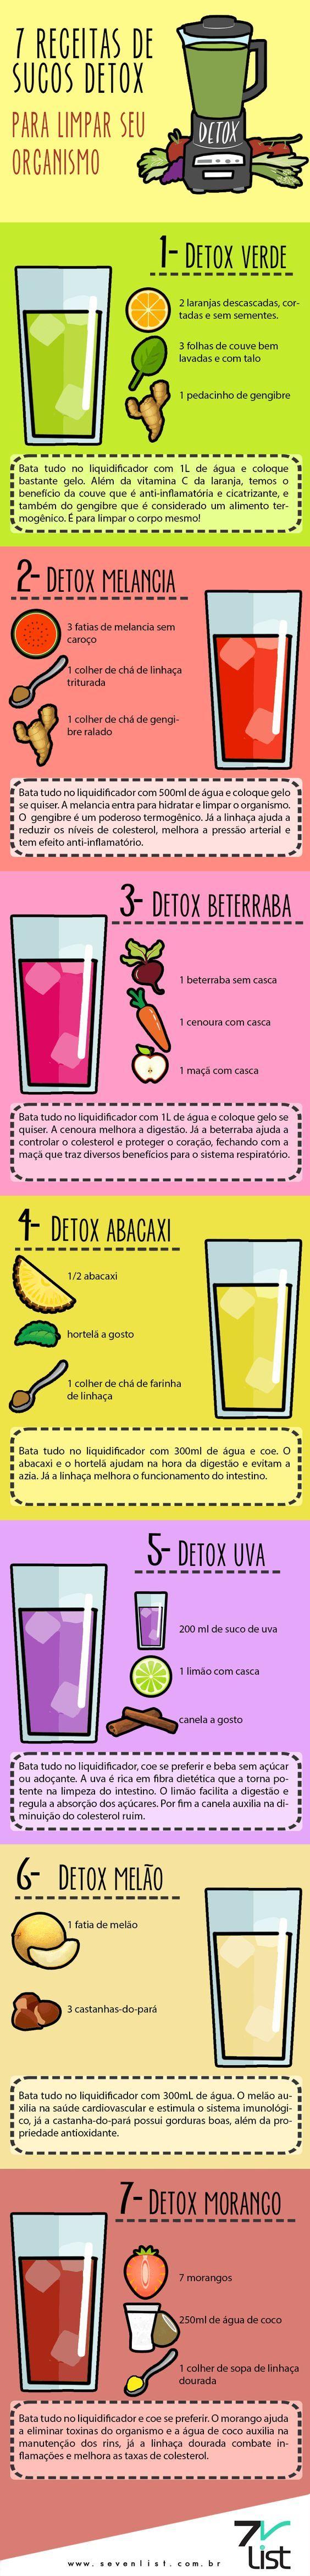 7 receitas de suco detox super fáceis de fazer